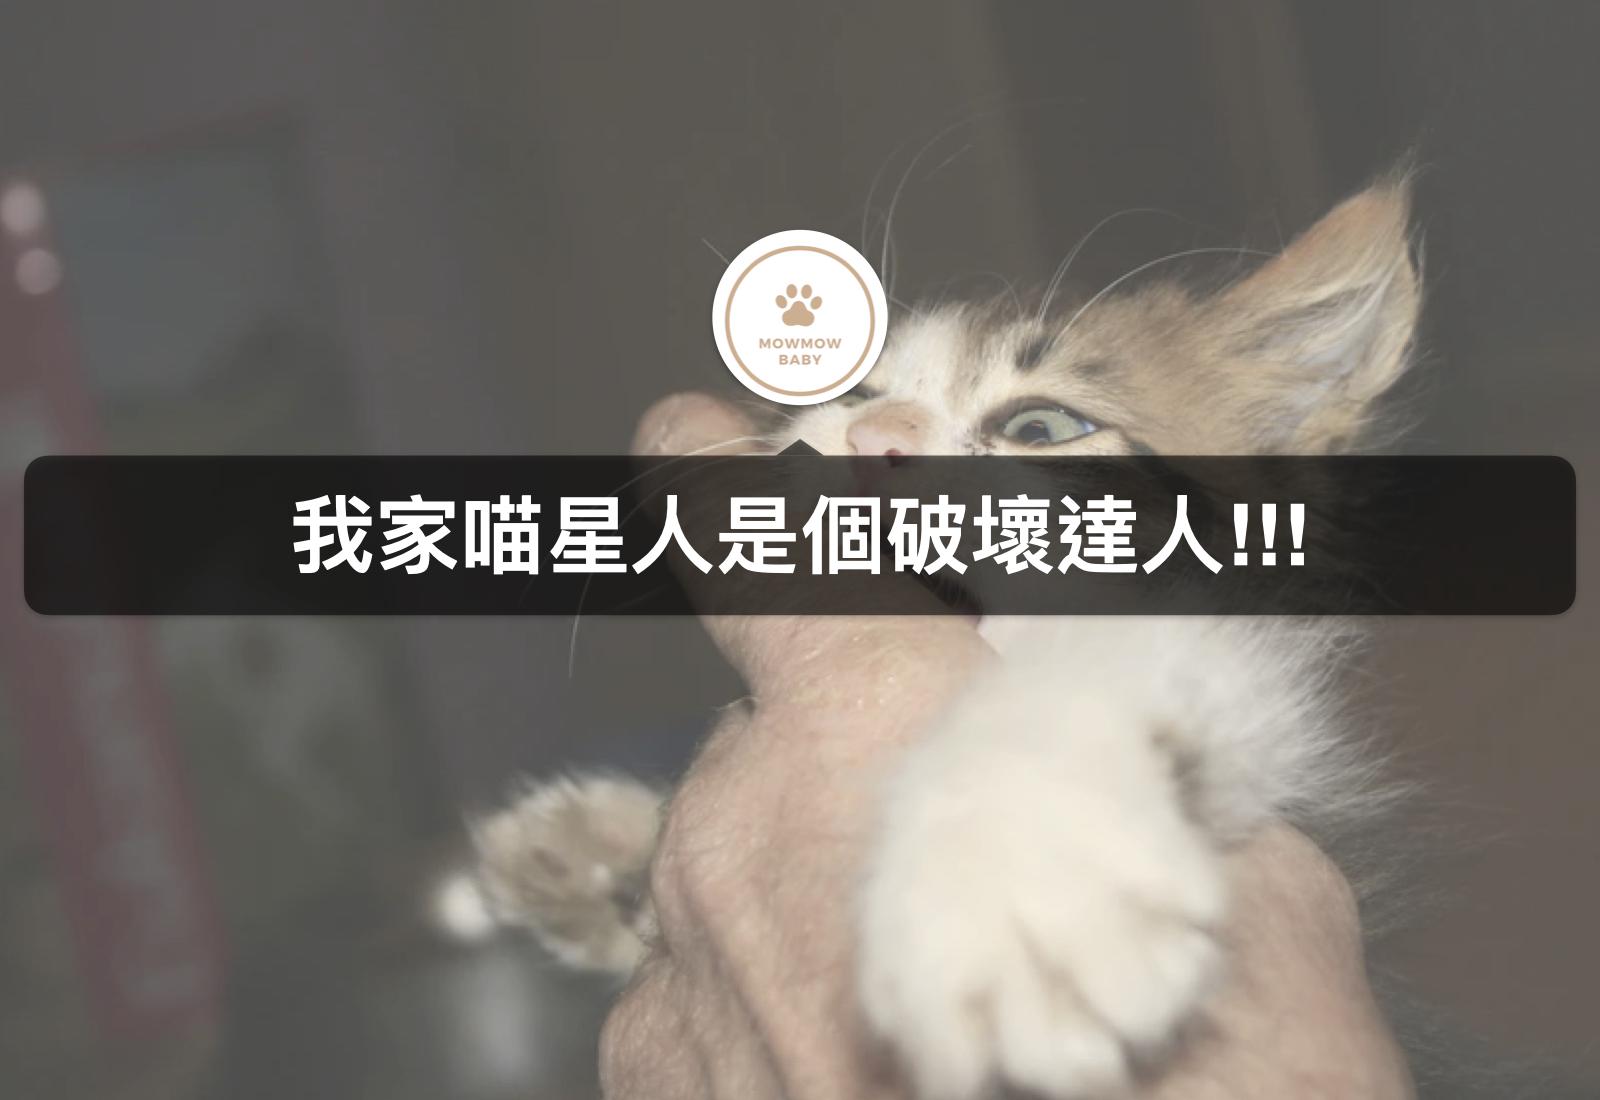 貓咪行為|貓星人可以不要再抓咬沙發了嗎?!